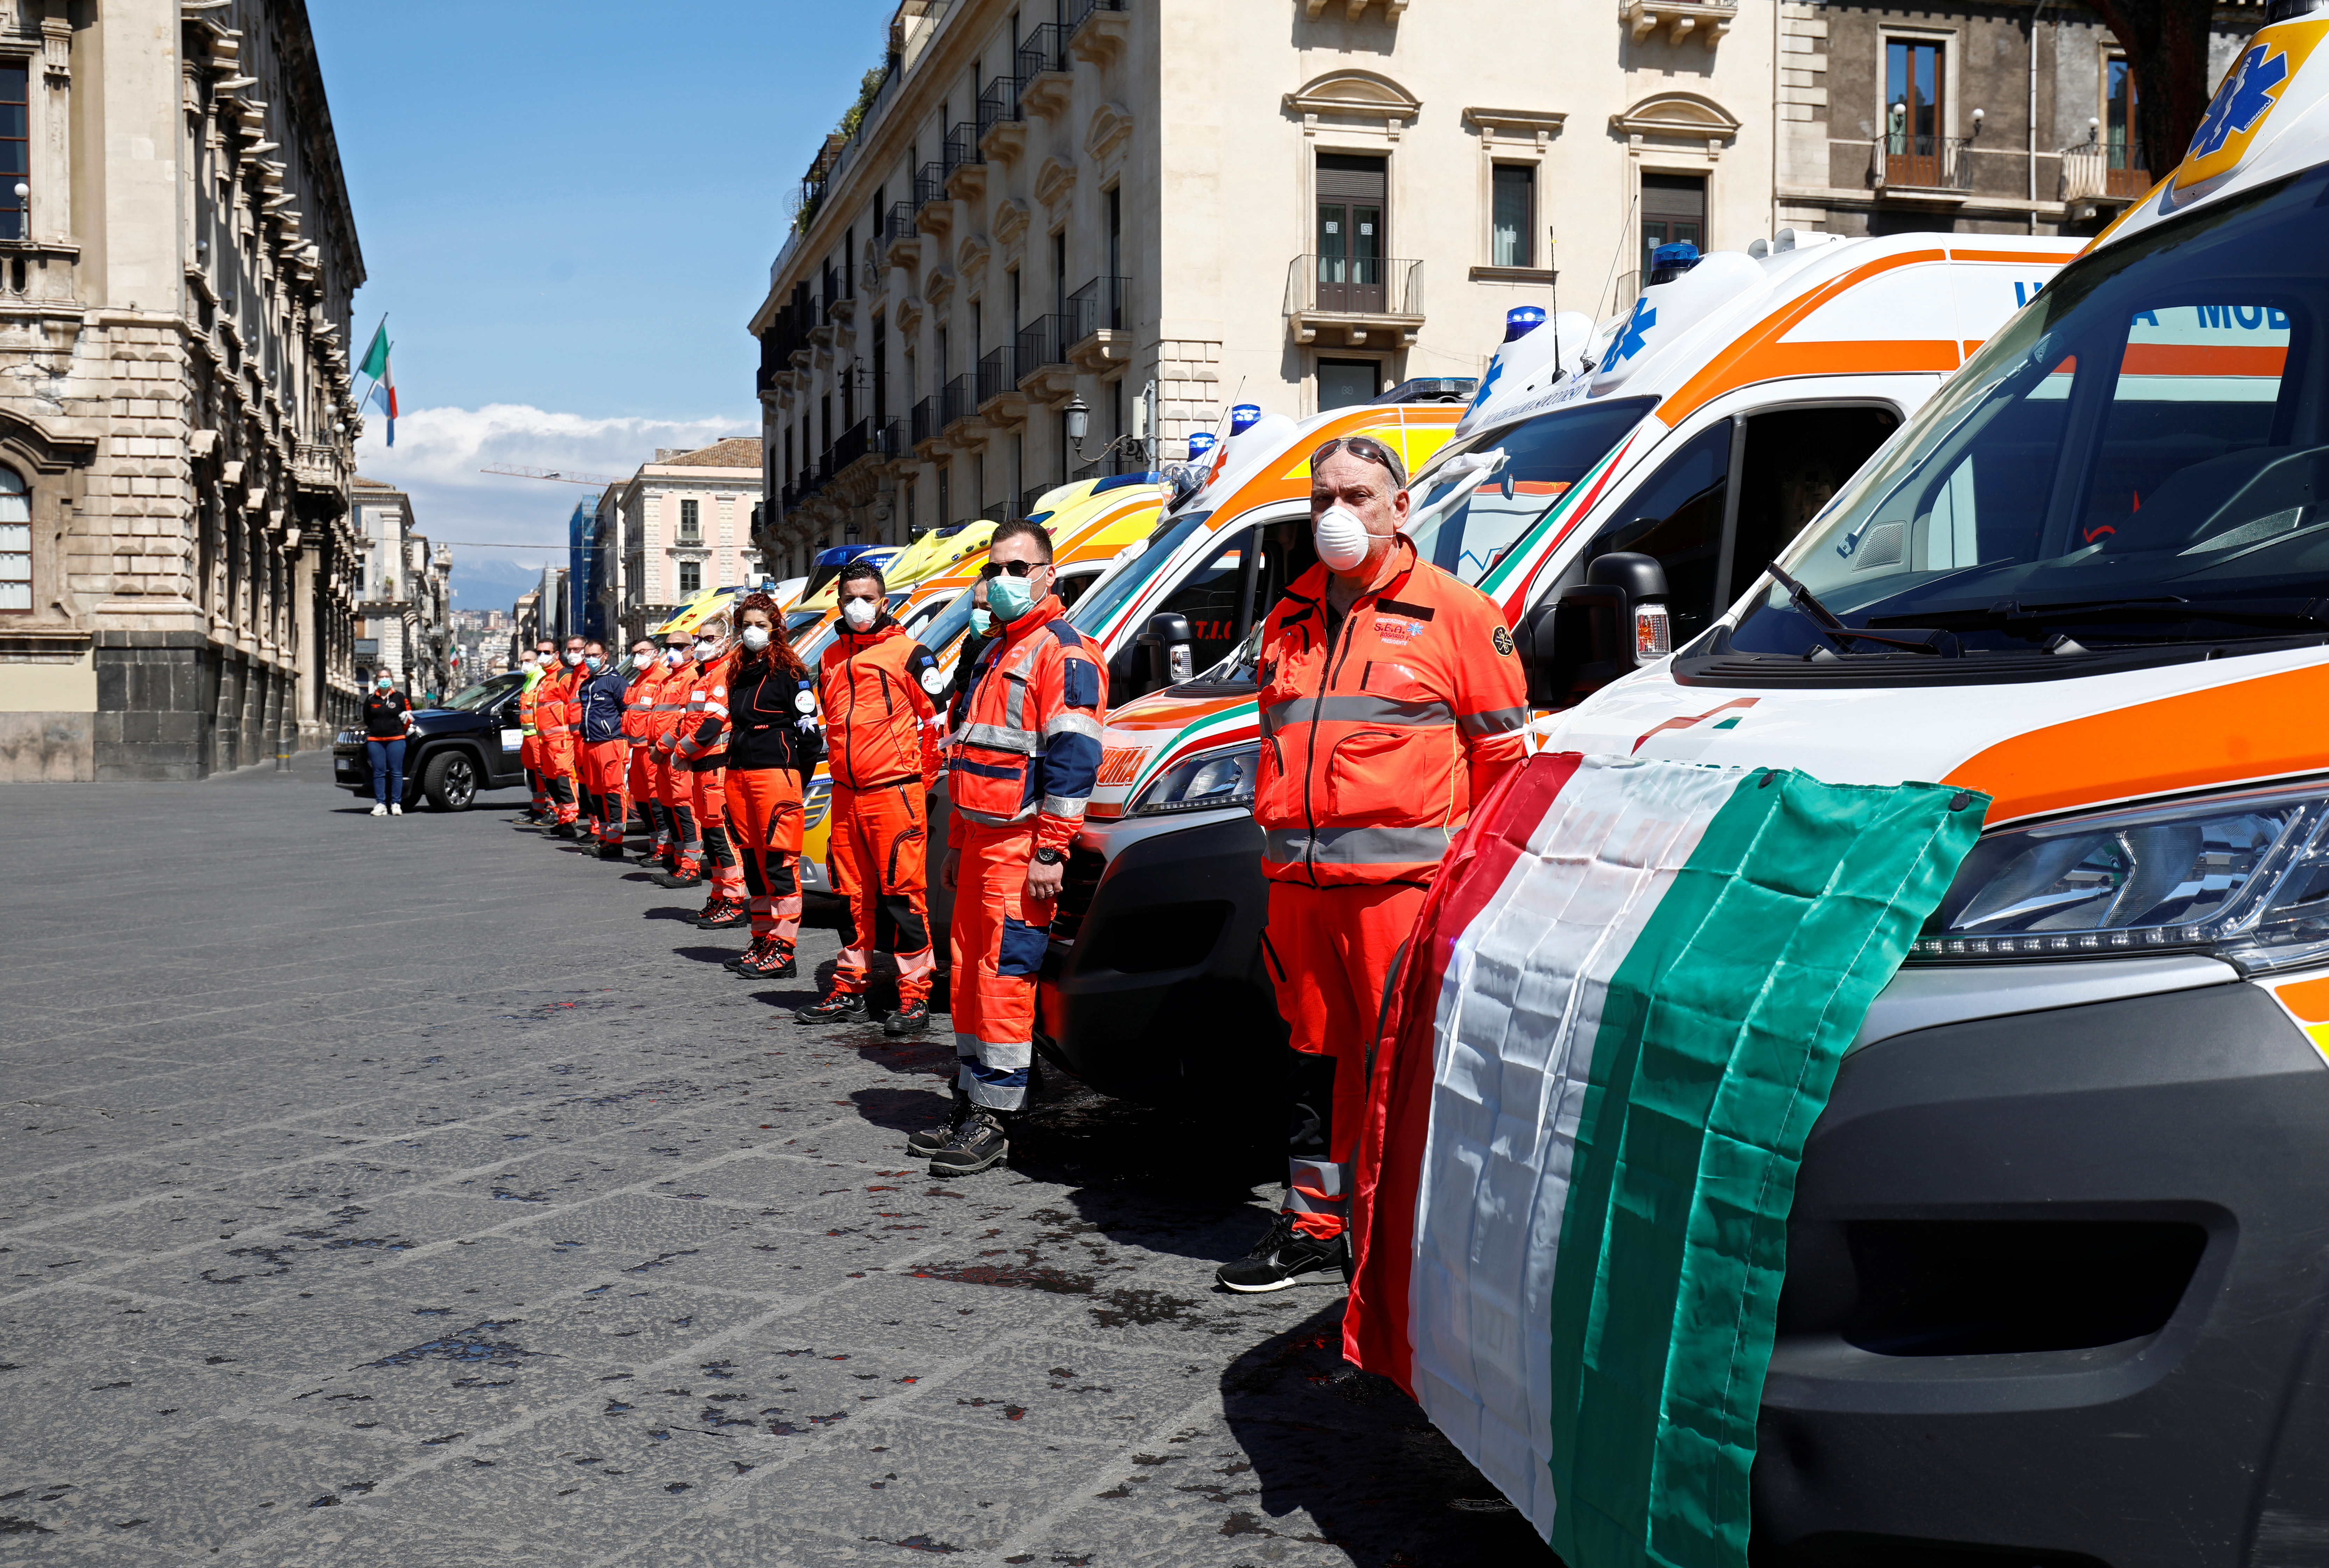 Personal de emergencia durante la emergencia en Catania (REUTERS/Antonio Parrinello)